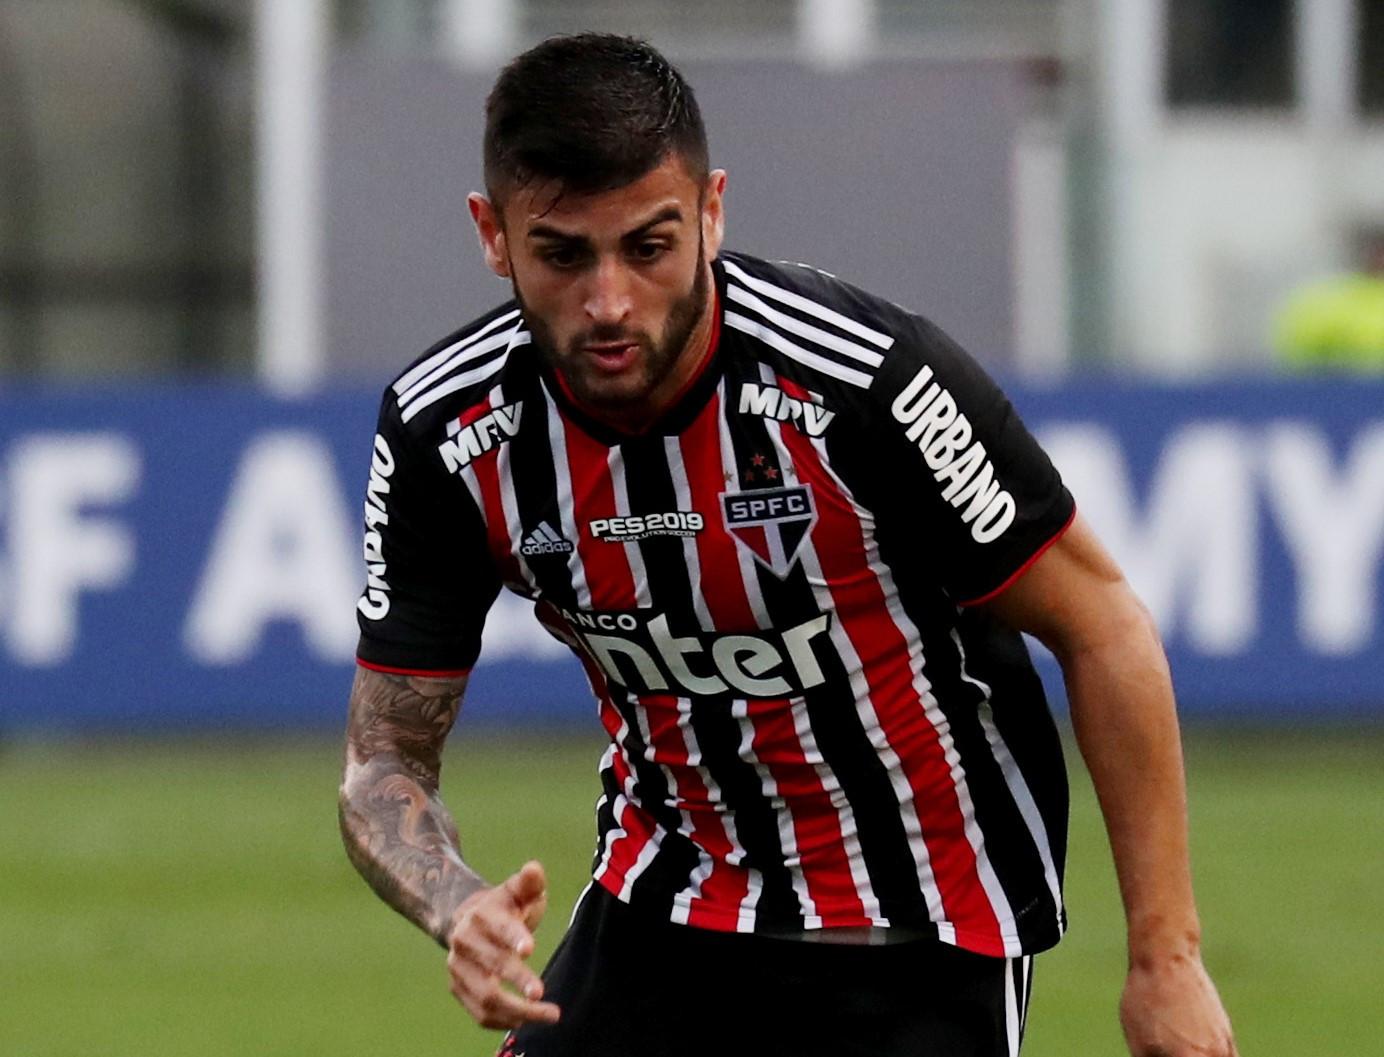 Liziero deve desfalcar o São Paulo na estreia no Campeonato Brasileiro